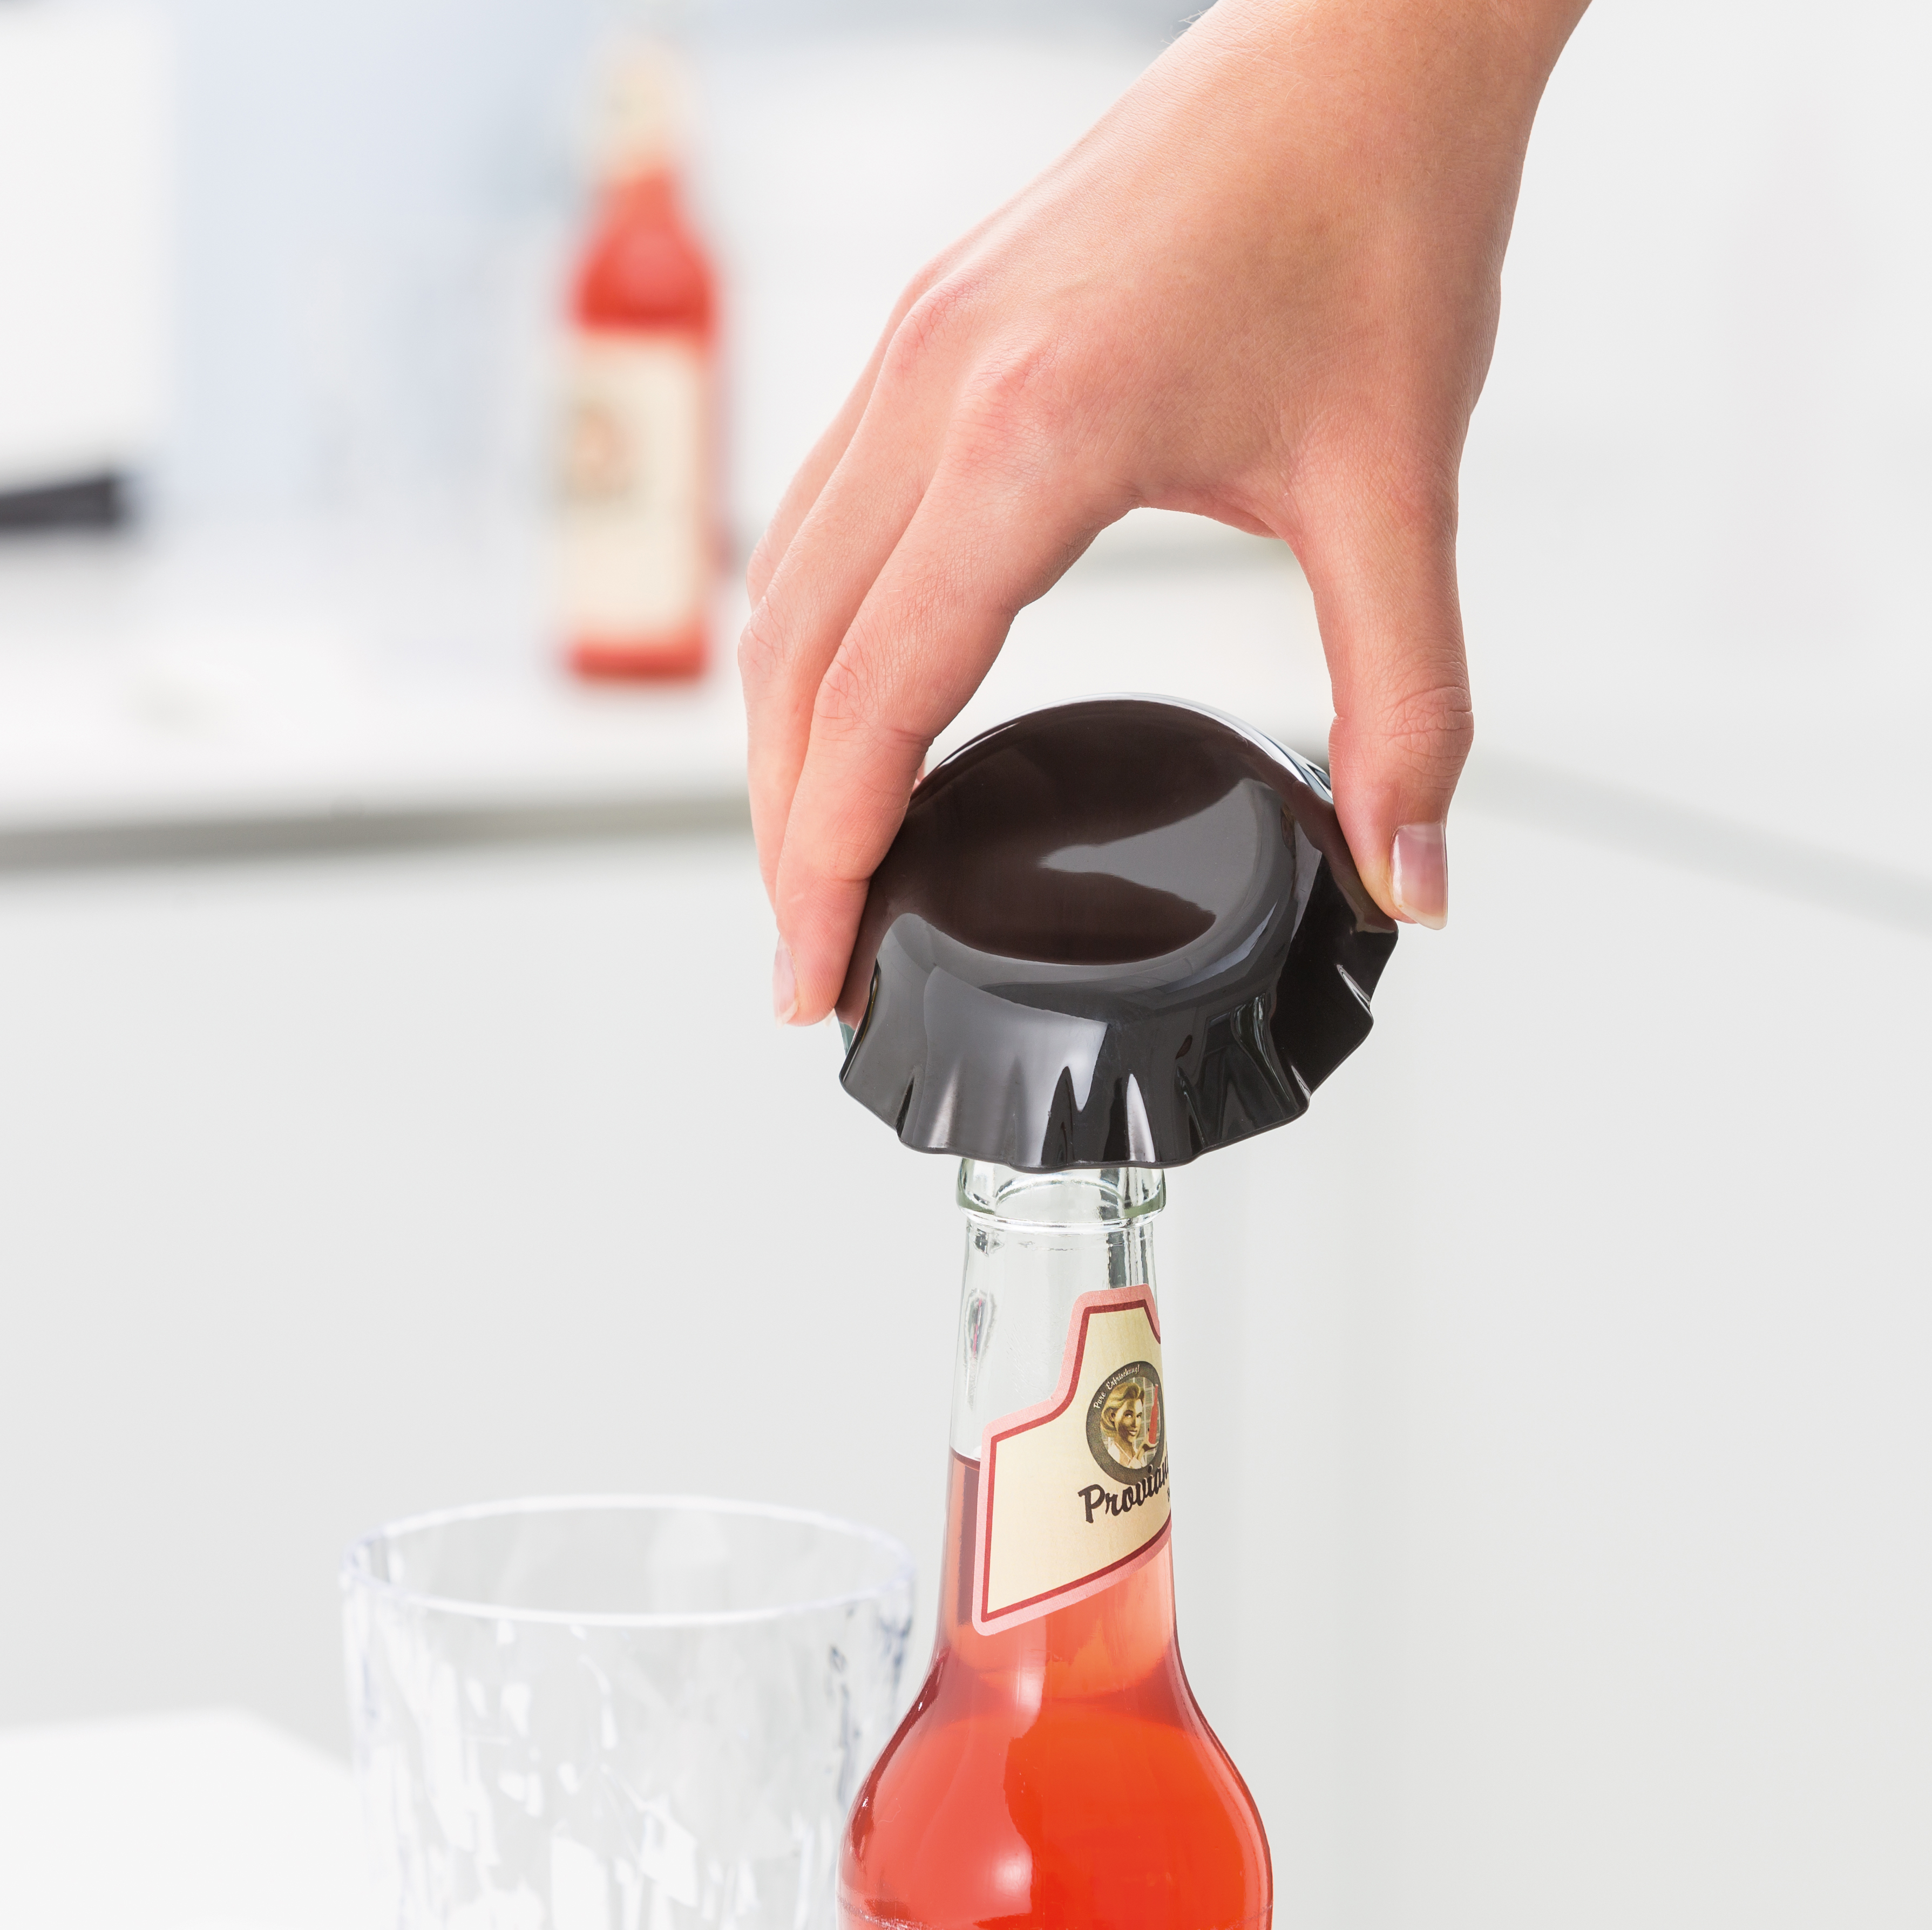 Koziol Ideas For Friends Gmbh Plopp Bottle Opener